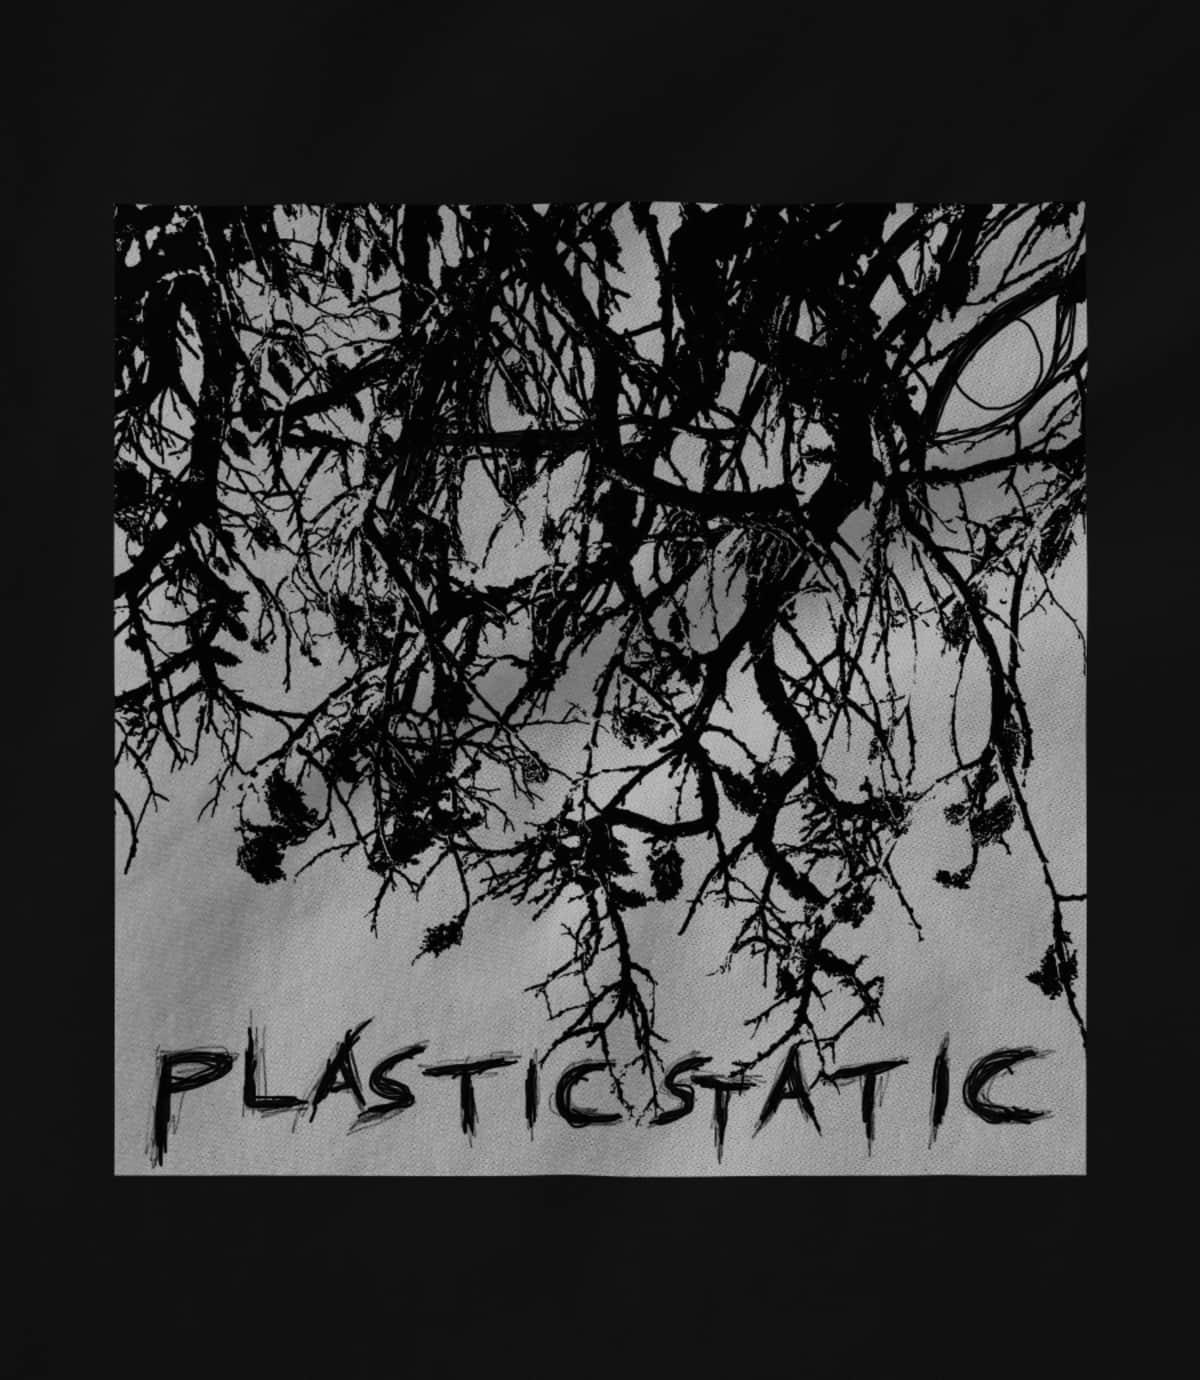 Plasticstatic